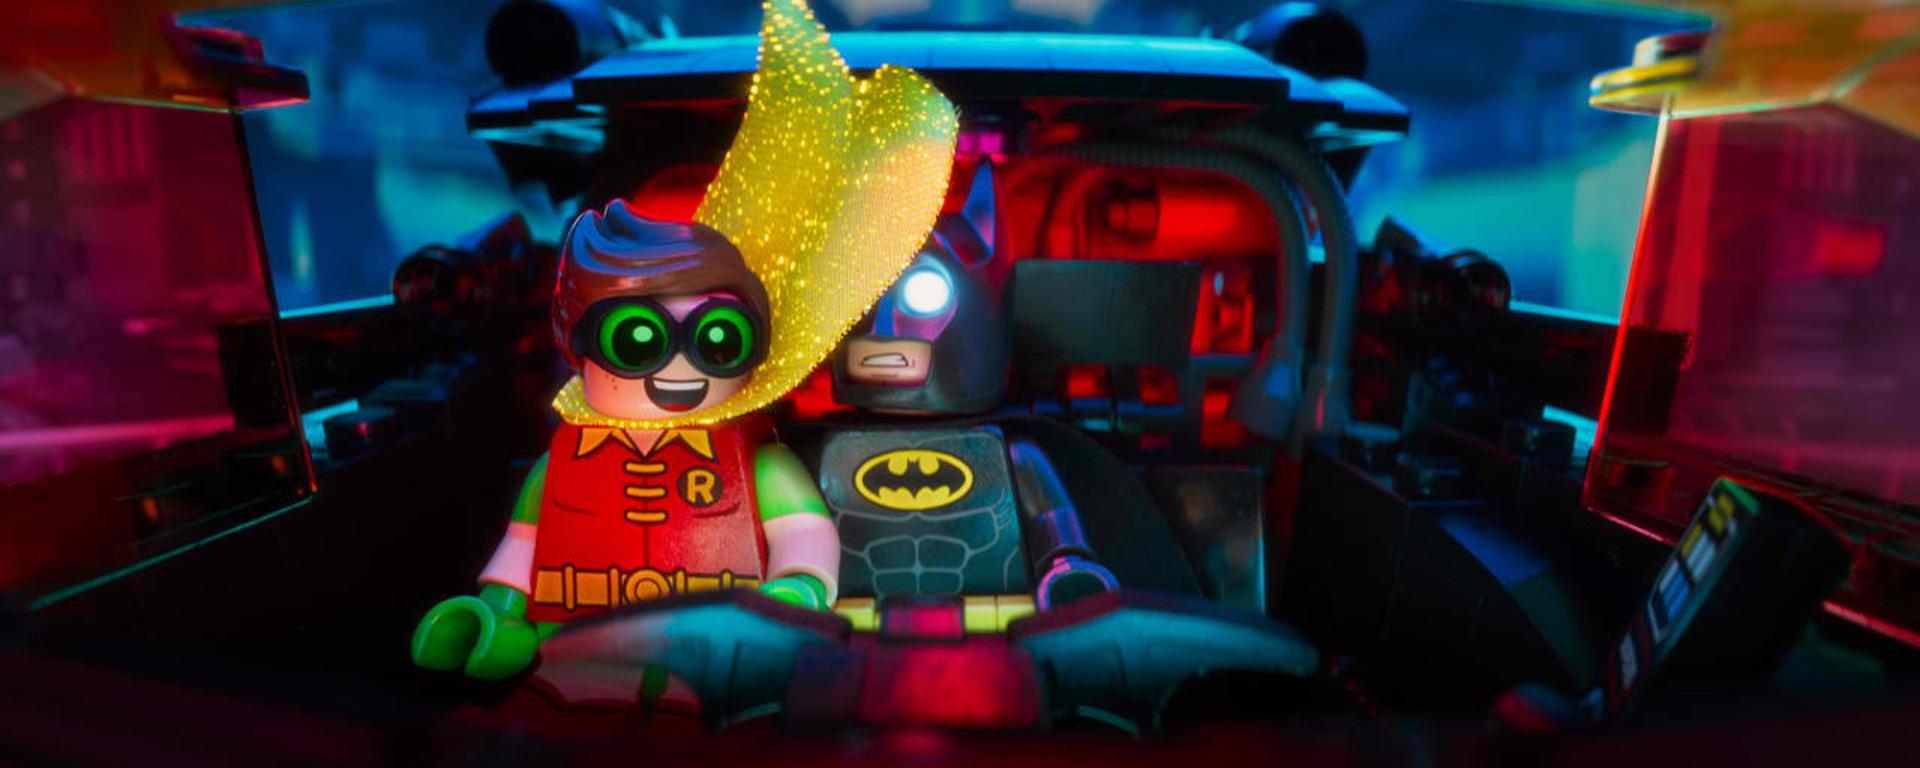 'Lego Batman' Filmi Eşcinsellik Propagandası Mı Yapıyor?